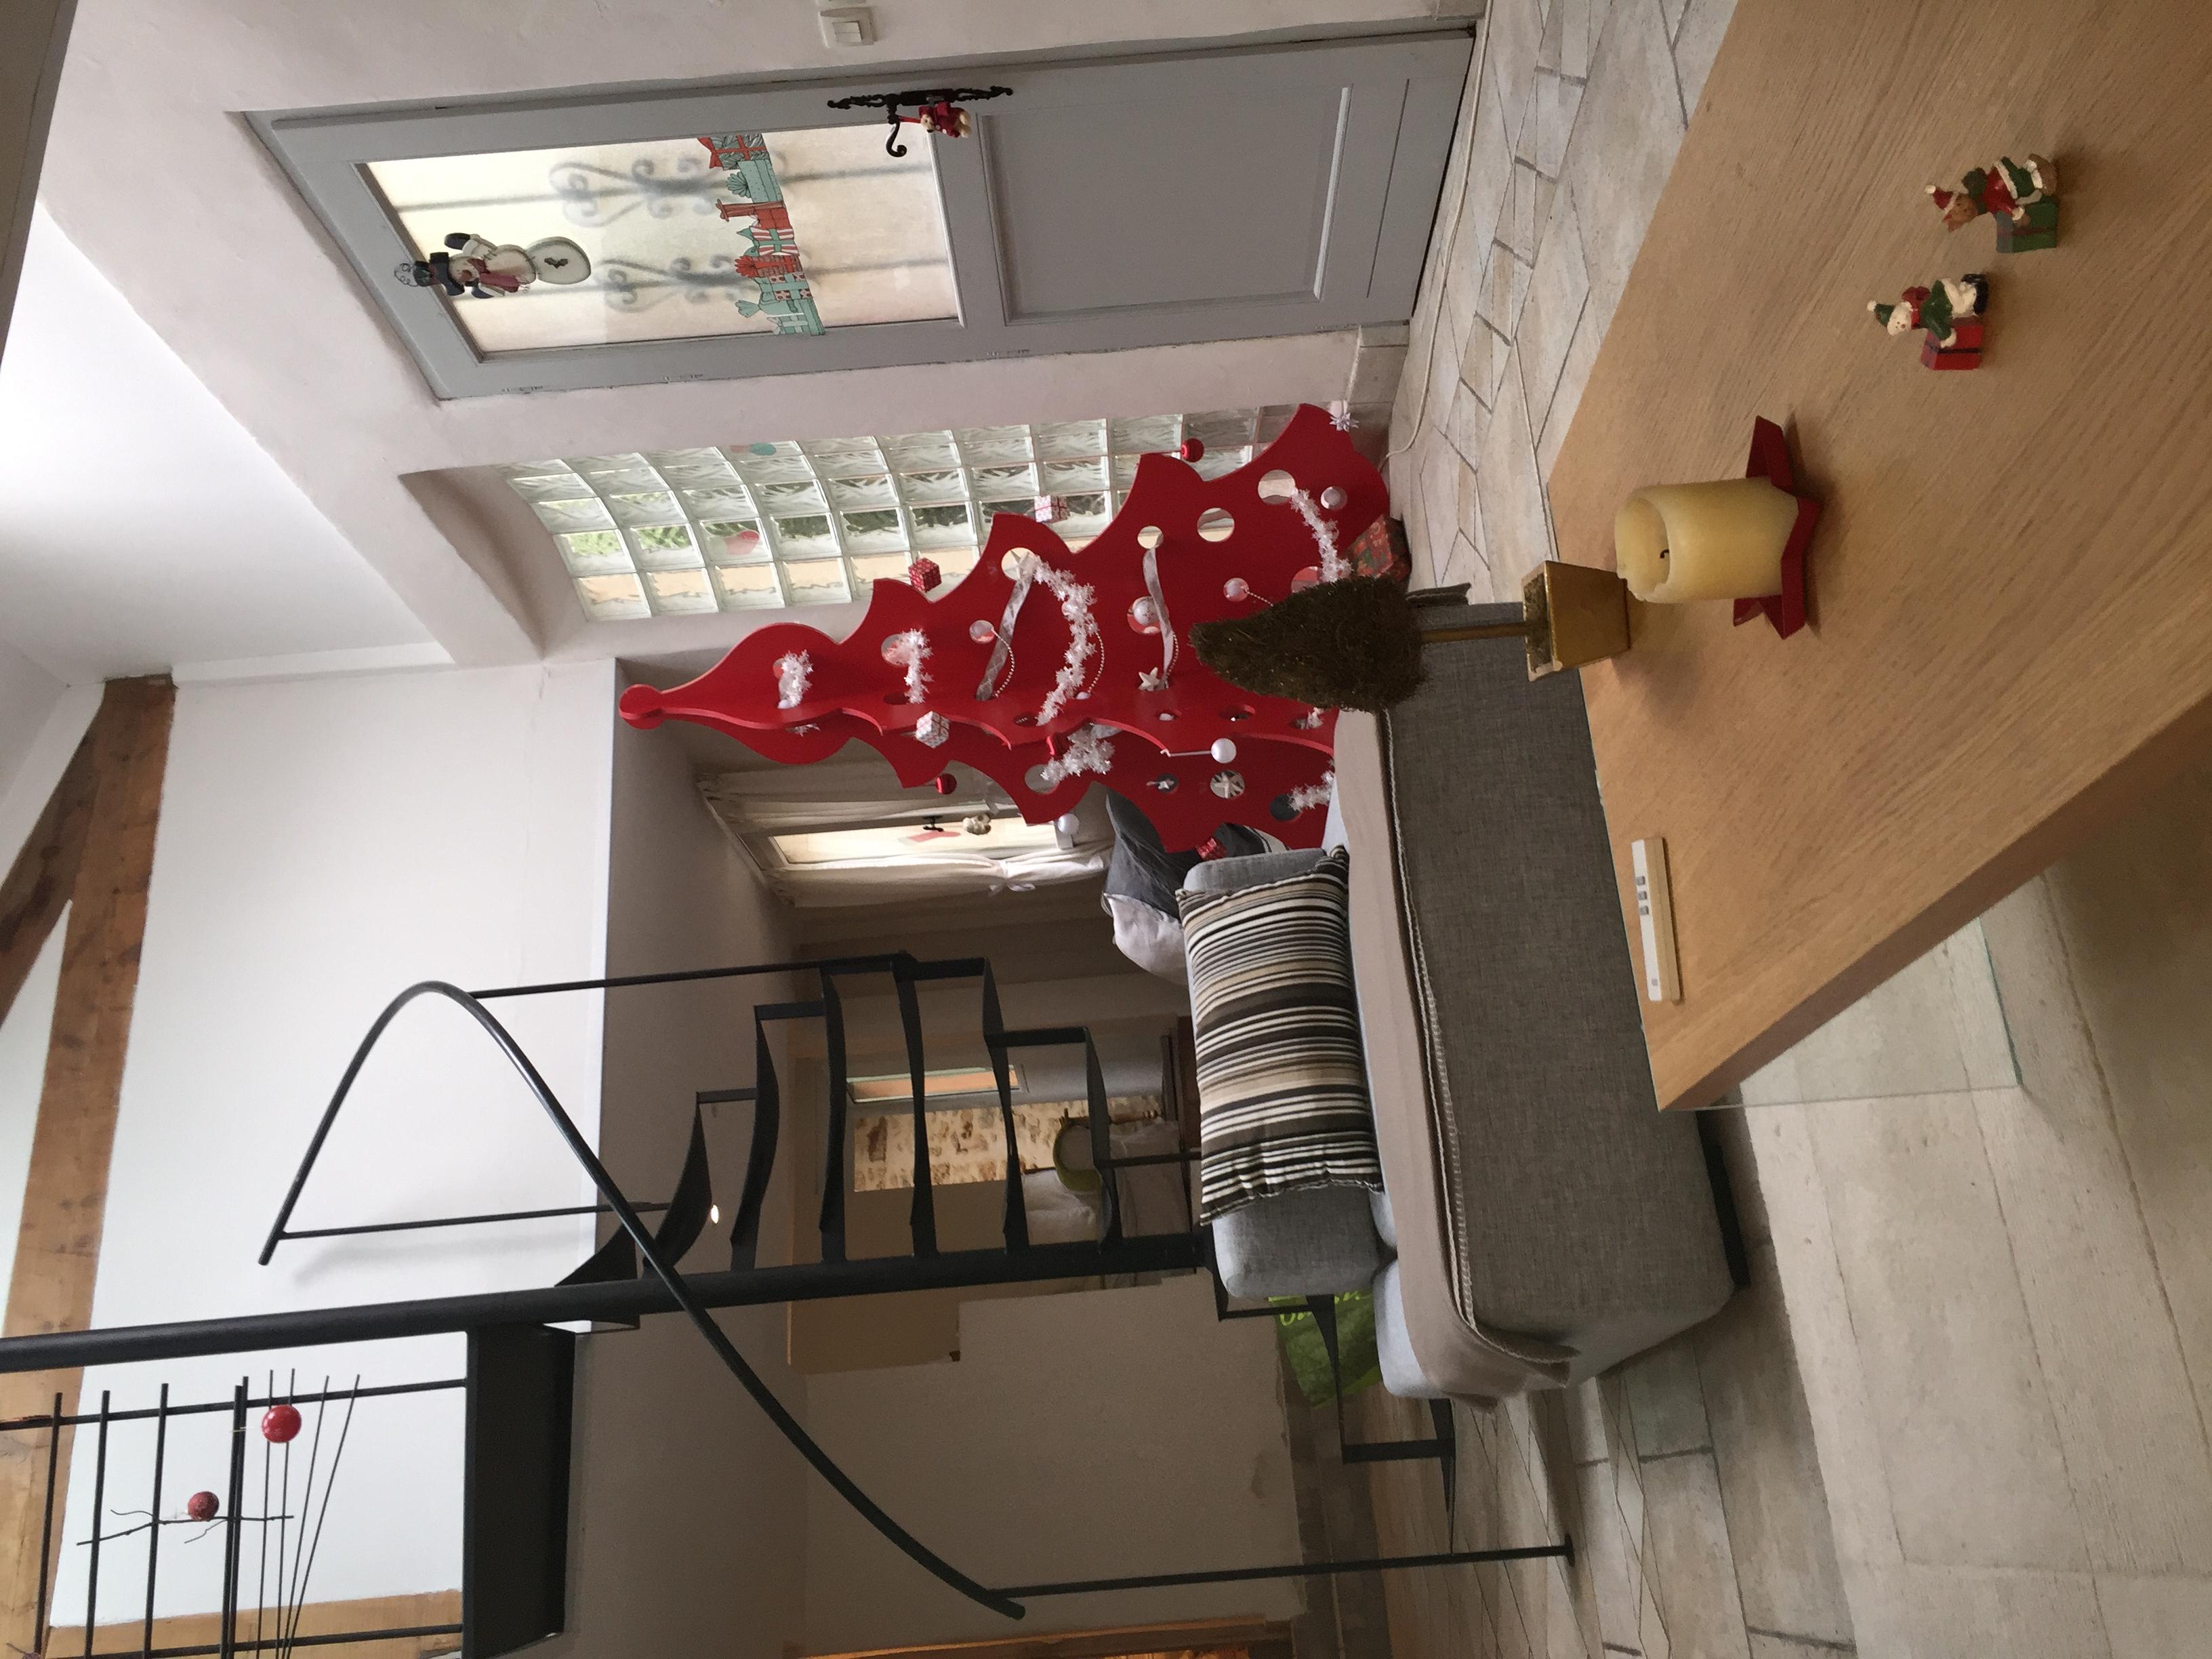 Maison 2 personnes Montpellier - location vacances  n°42777